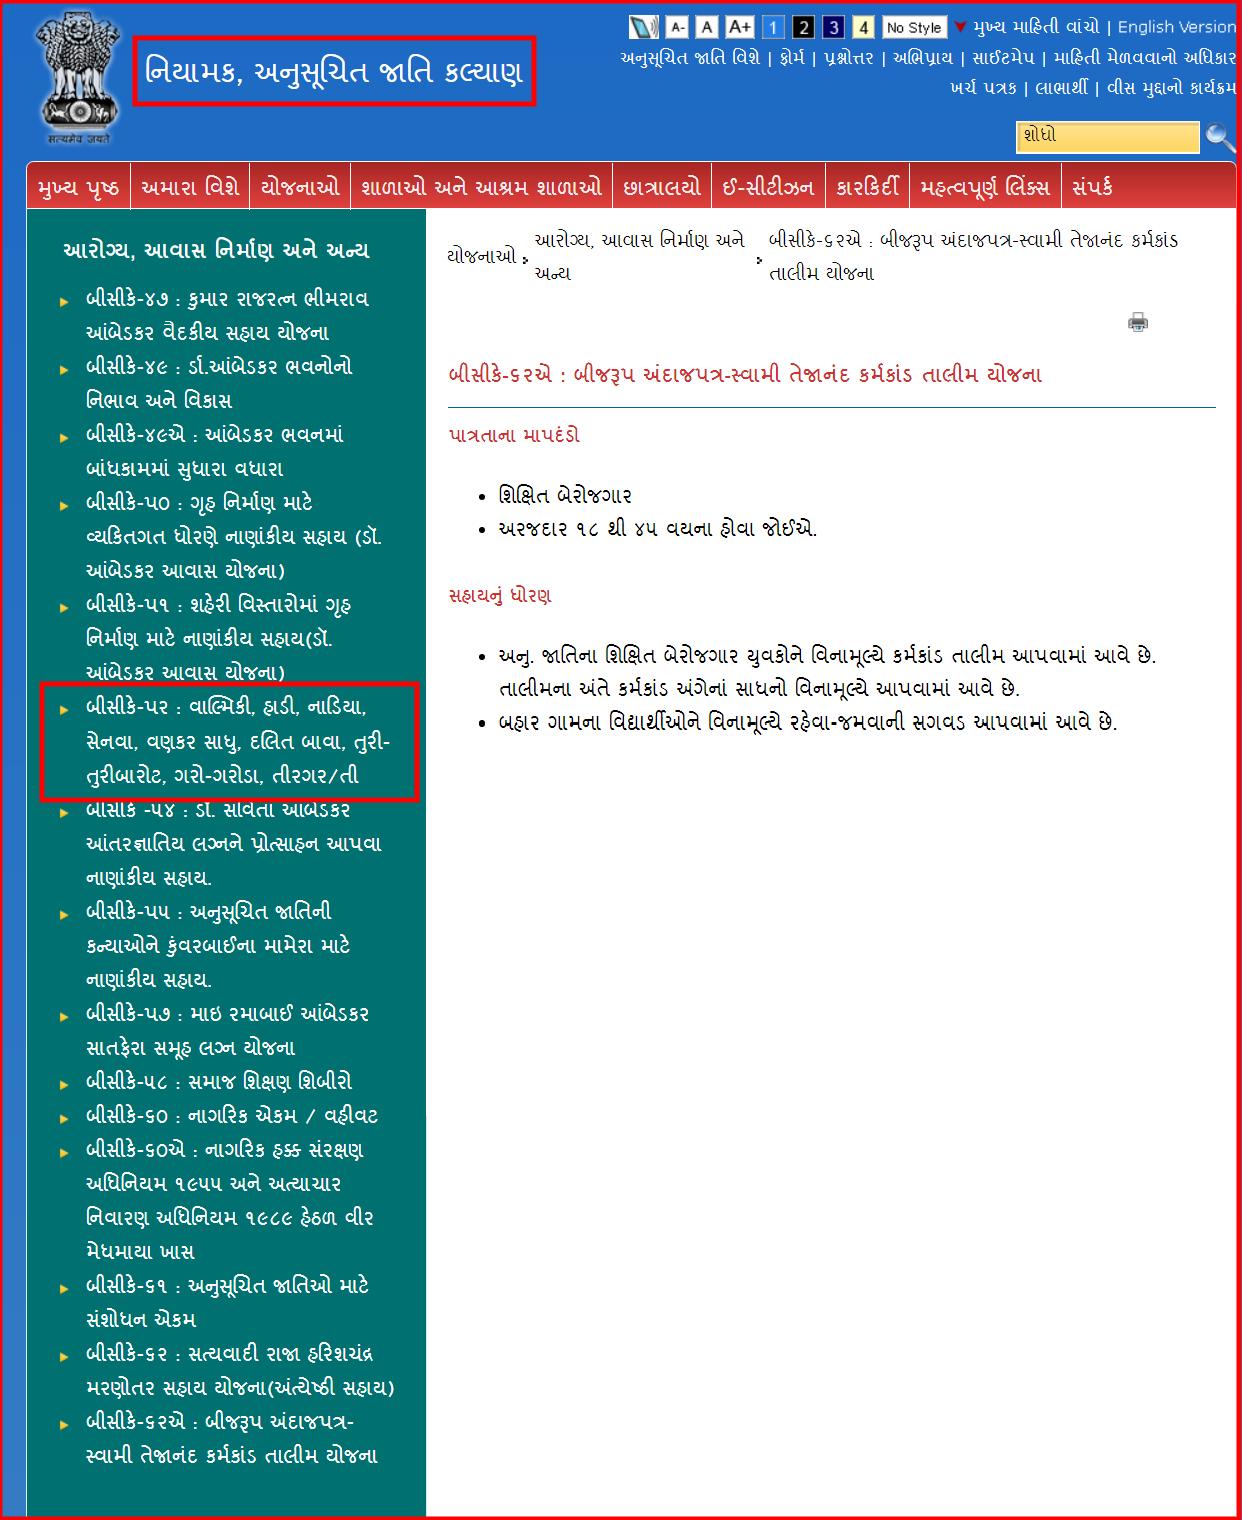 screenshot-sje.gujarat.gov.in-2019.09.30-19_29_28.png